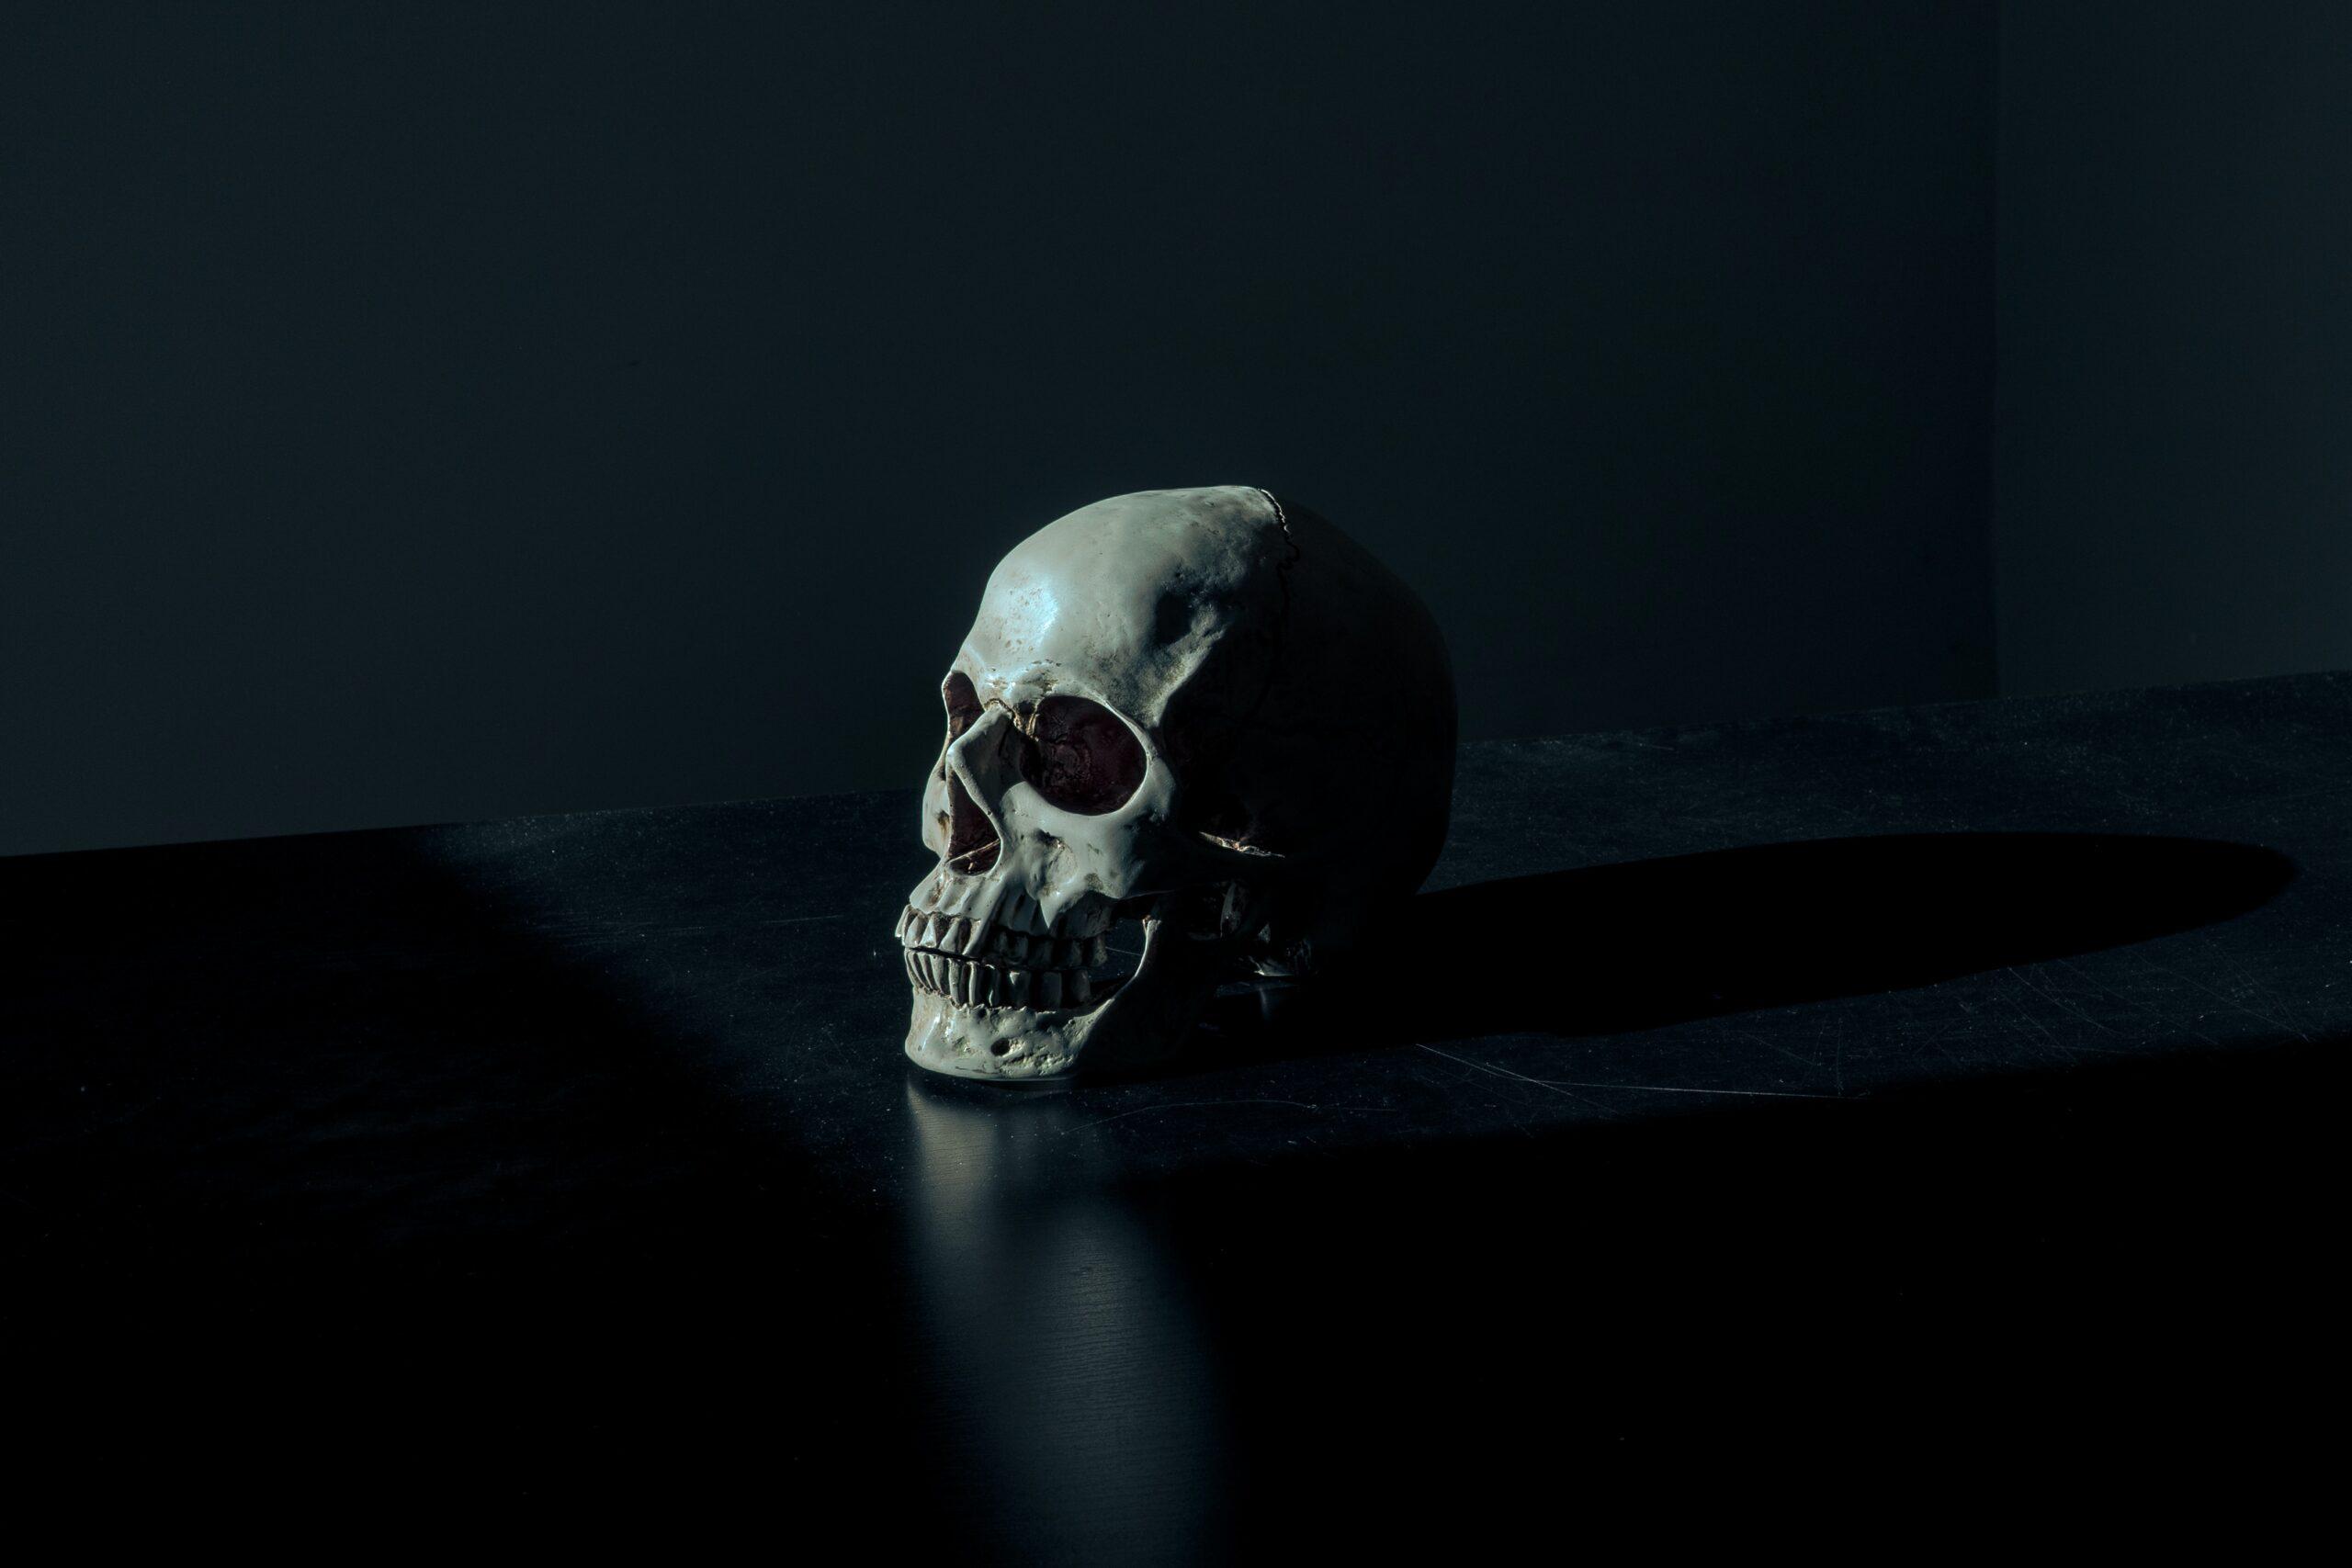 Totgeglaubte leben länger: der Rechnungskauf